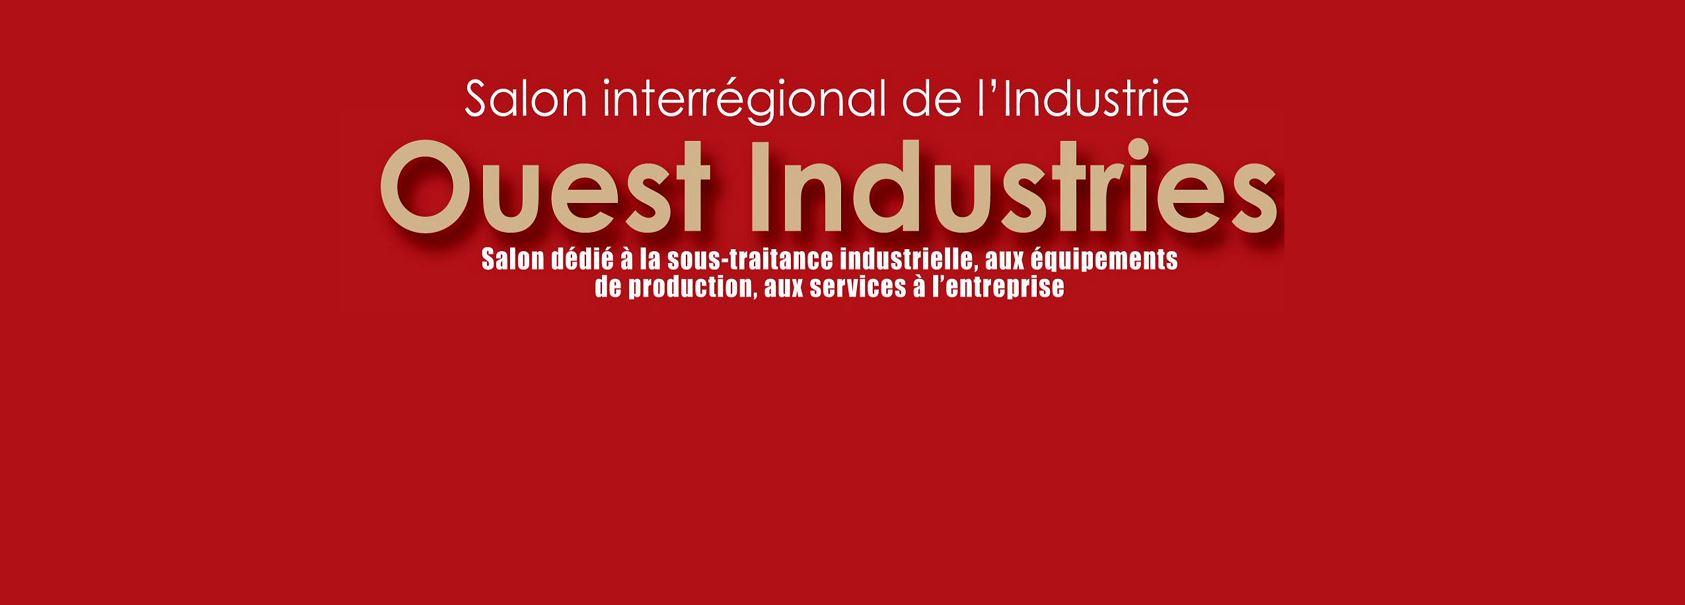 Salon ouest industries 2017 franceenvironnement for Salon industrie paris 2017